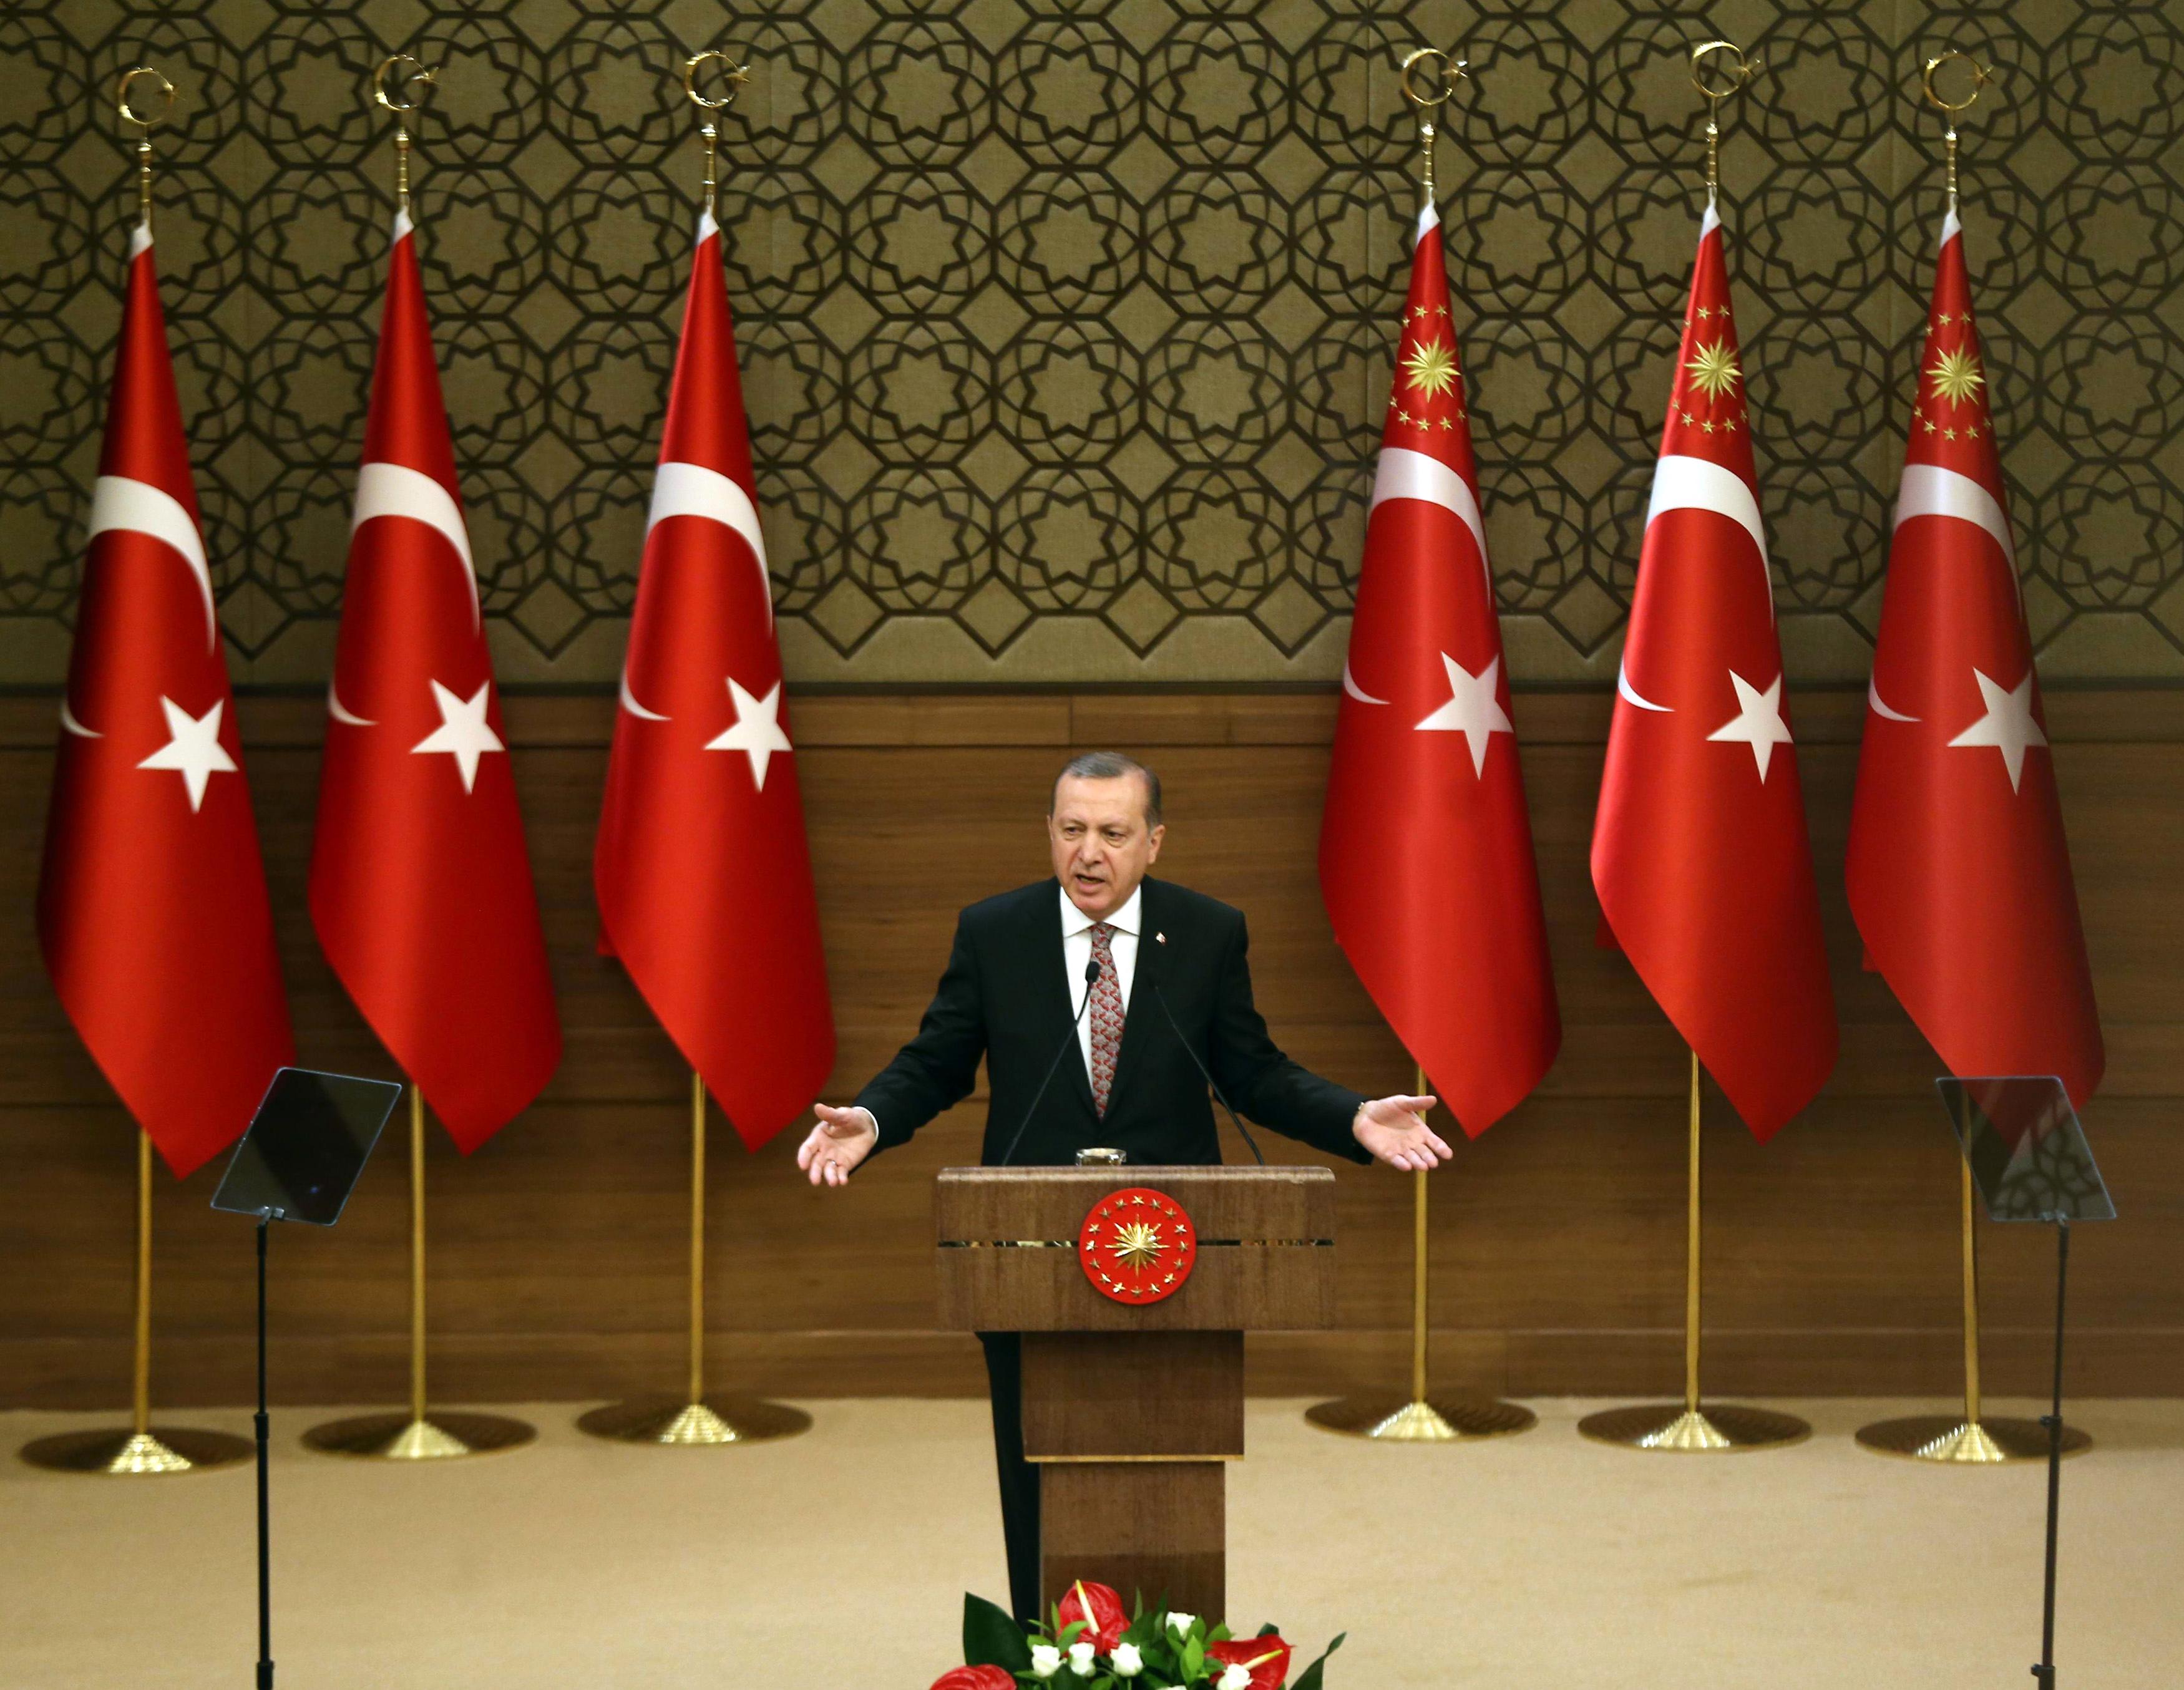 A magyar kormány elérkezettnek látta az időt, hogy biztonságos államnak nyilvánítsa Törökországot